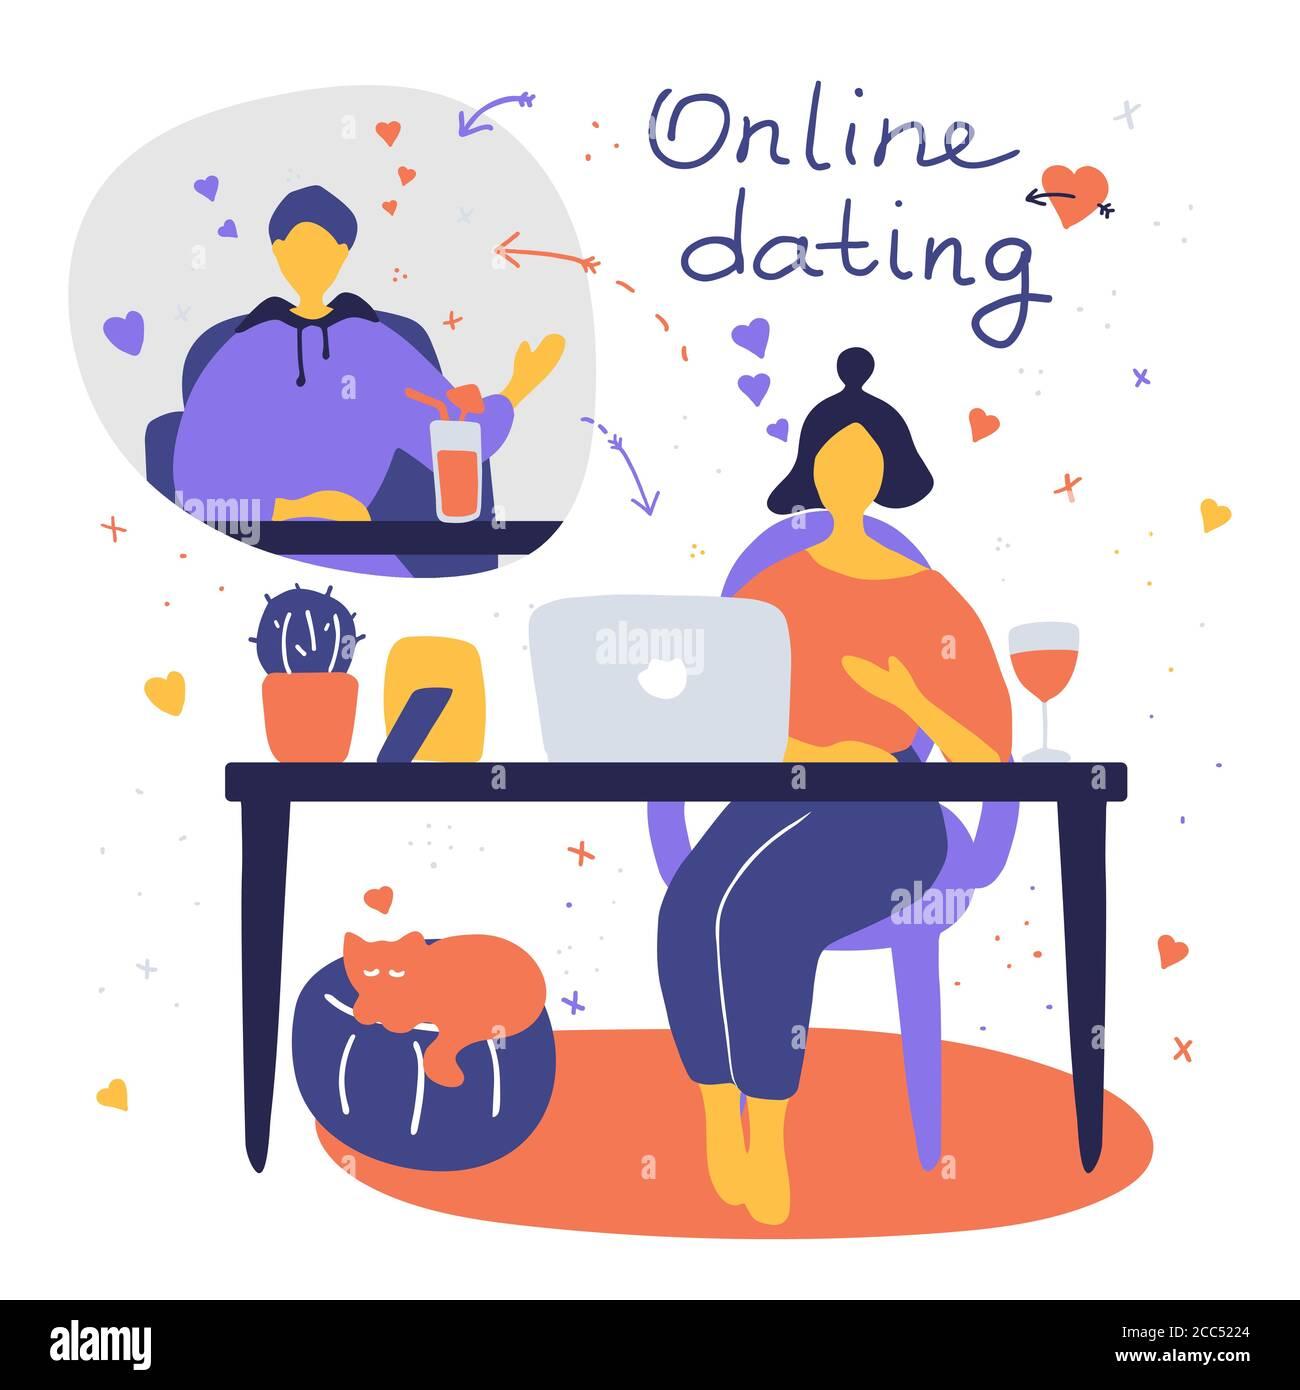 Una coppia che parla online durante la pandemia. Uomo e donna flirtare online sul sito di incontri. Concetto di datazione virtuale. Immagine piatta vettoriale Illustrazione Vettoriale